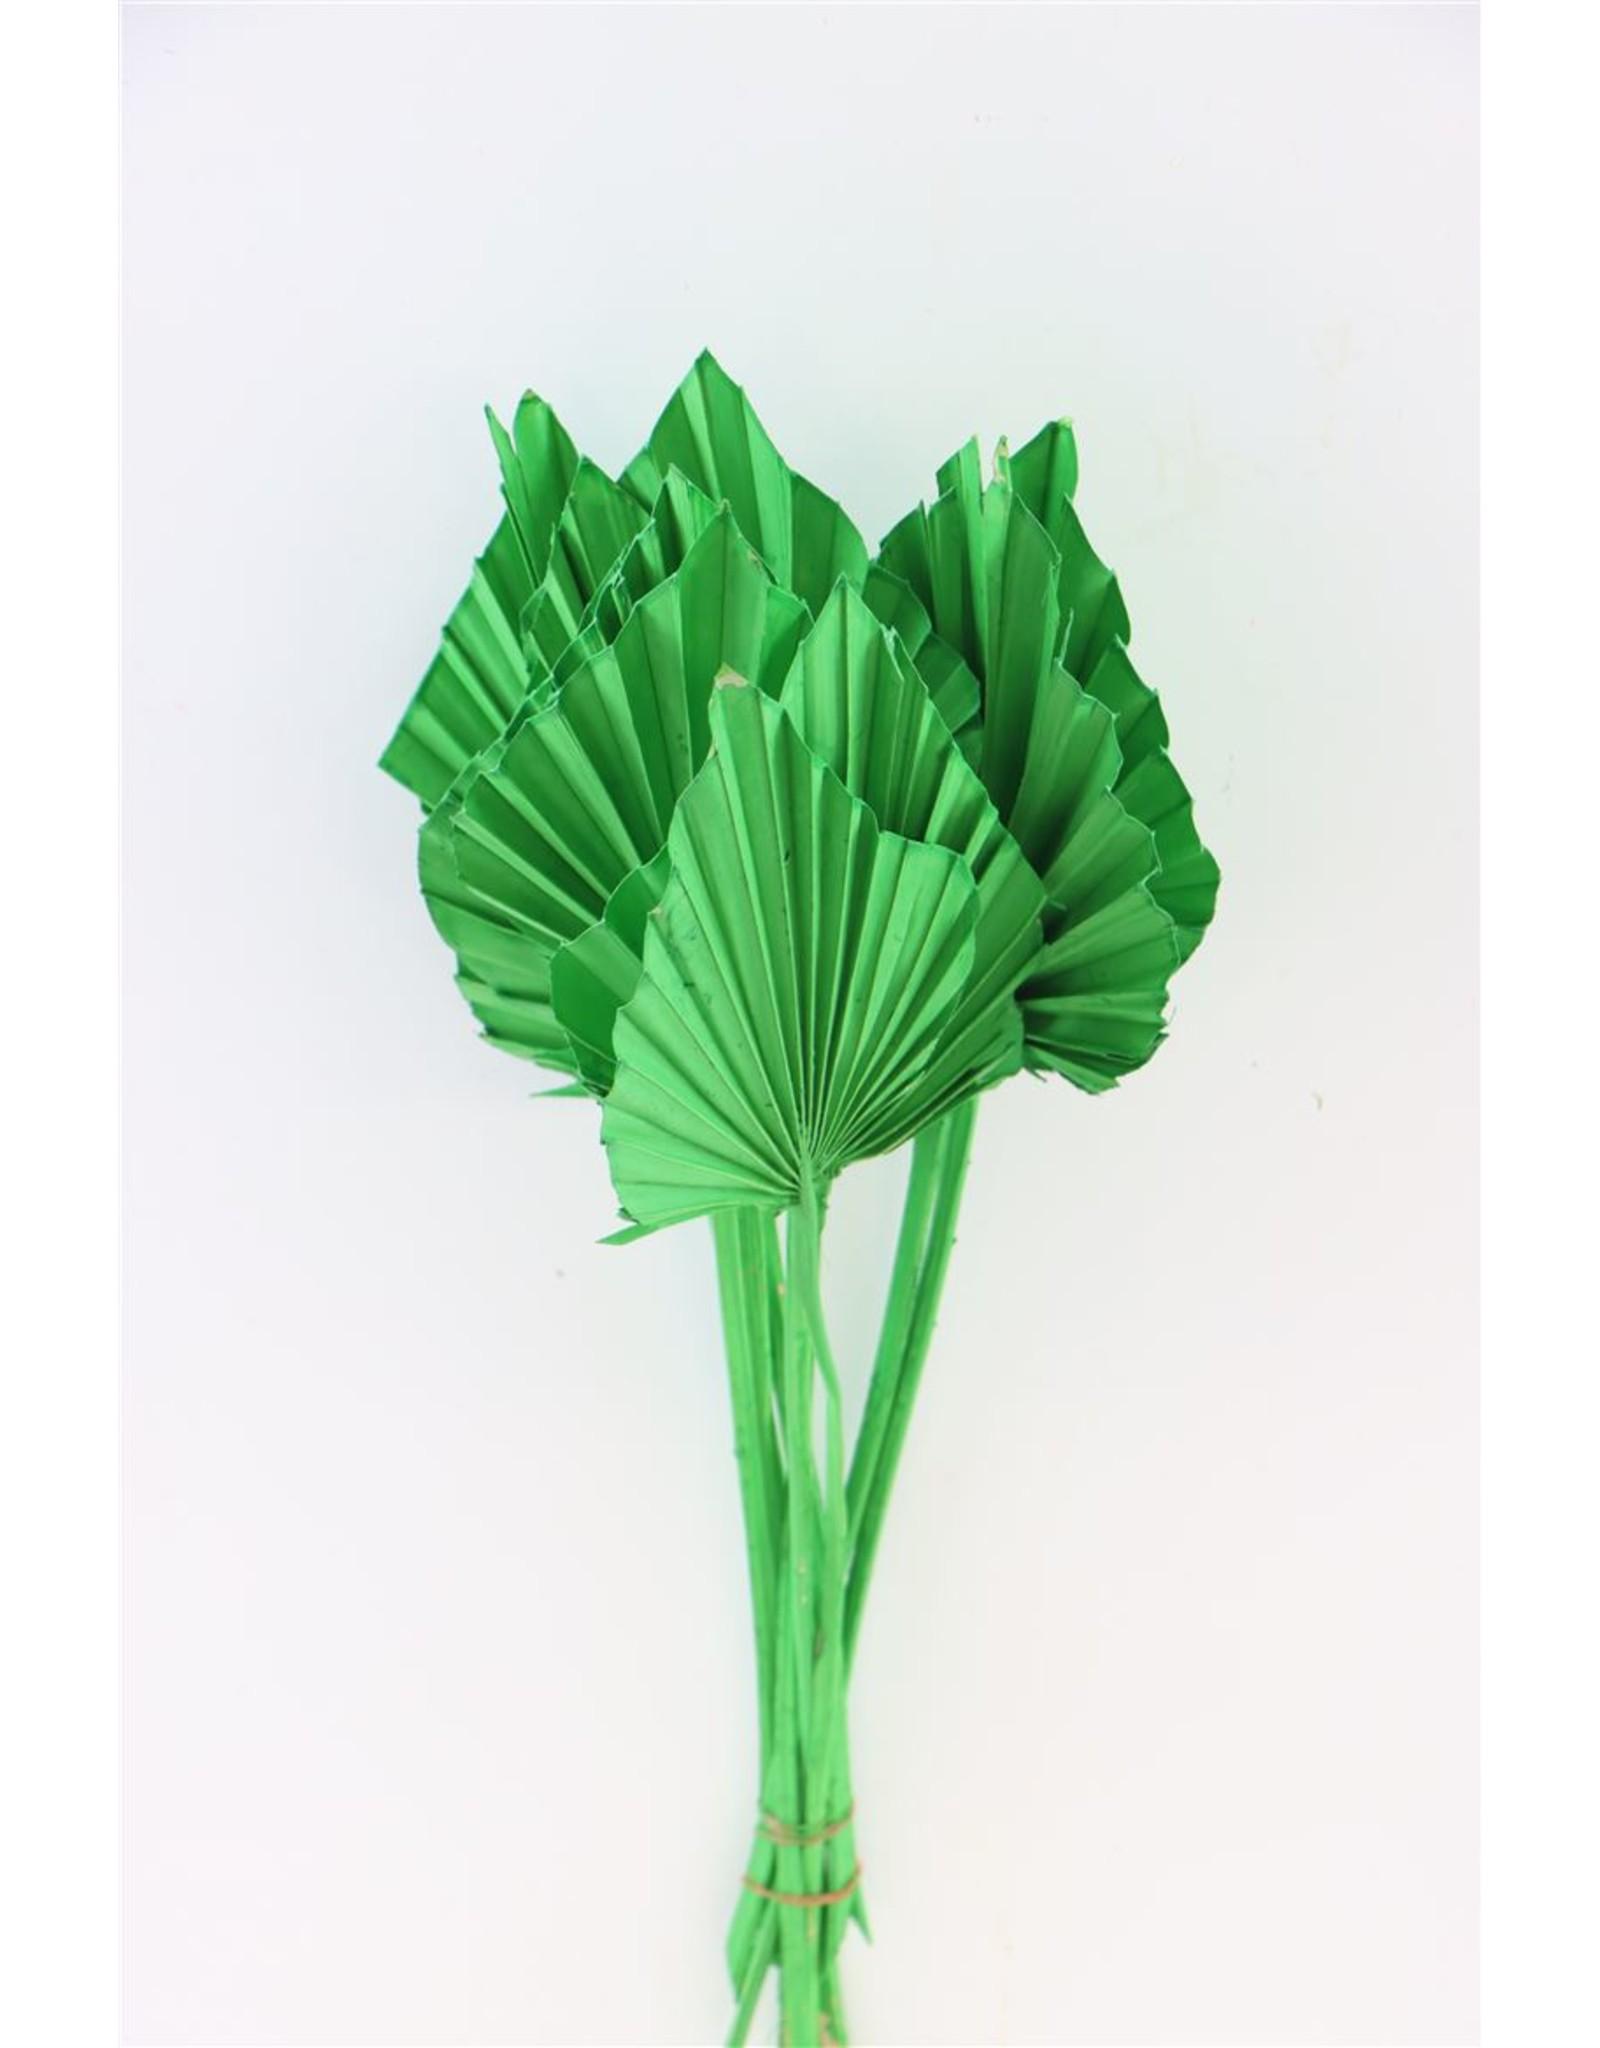 GF Dried Palm Spear 10pc D. Green Bunch x 2